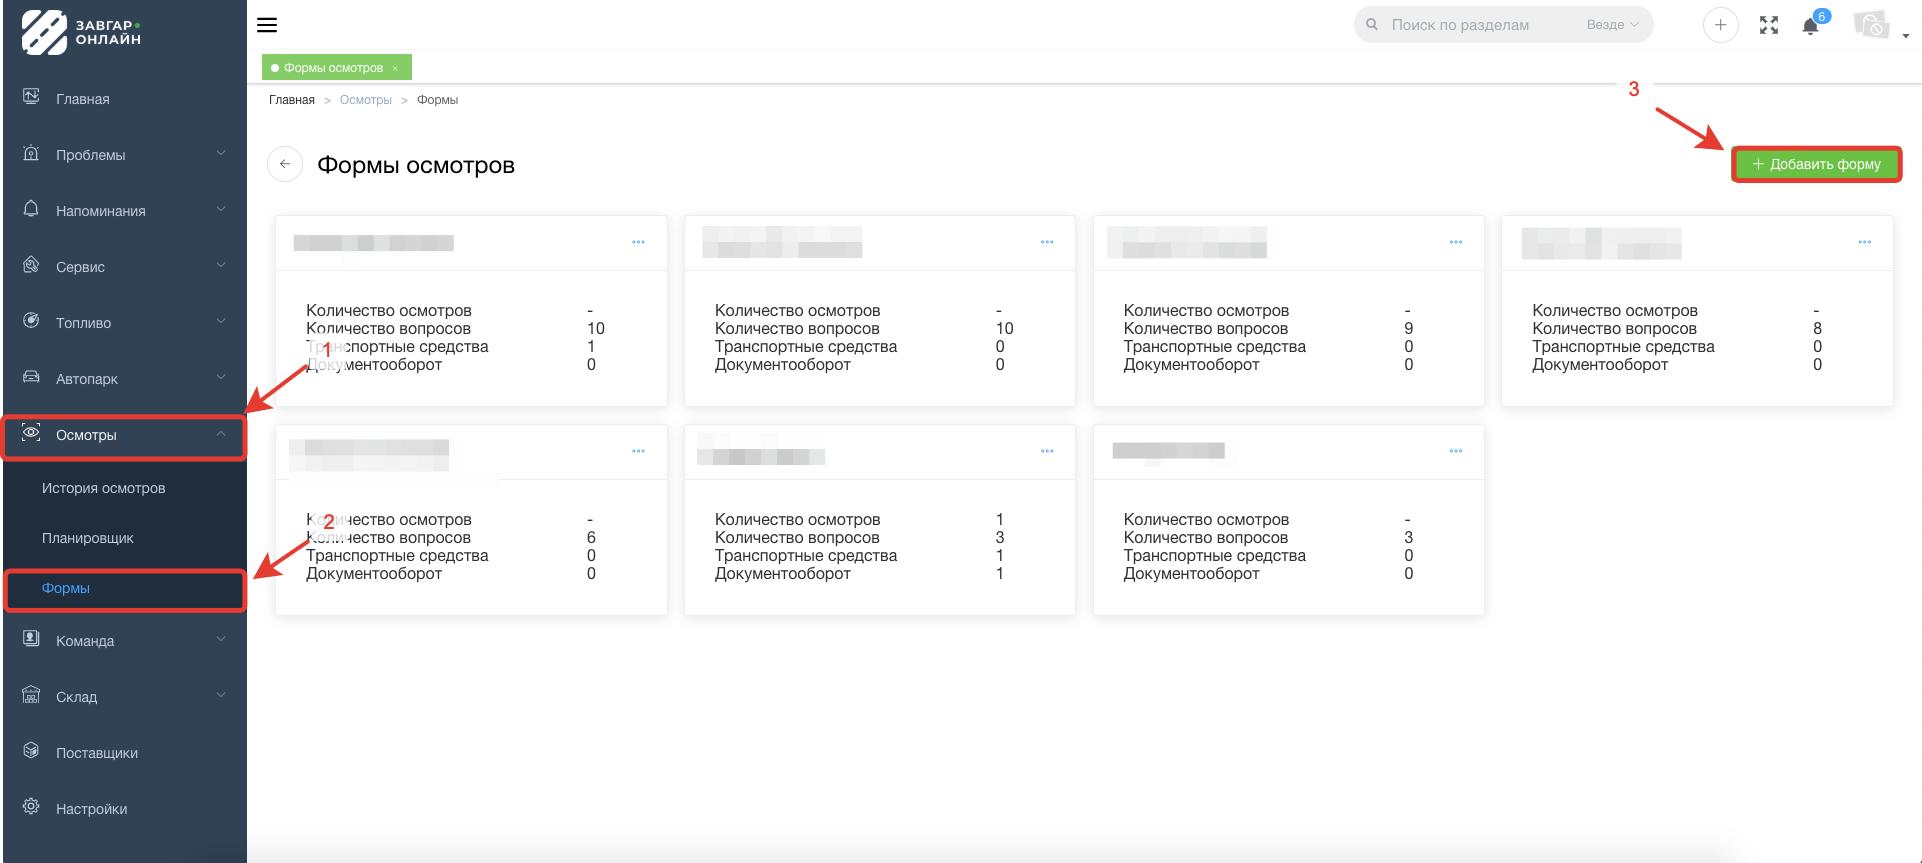 Добавление формы осмотра в системе Завгар Онлайн